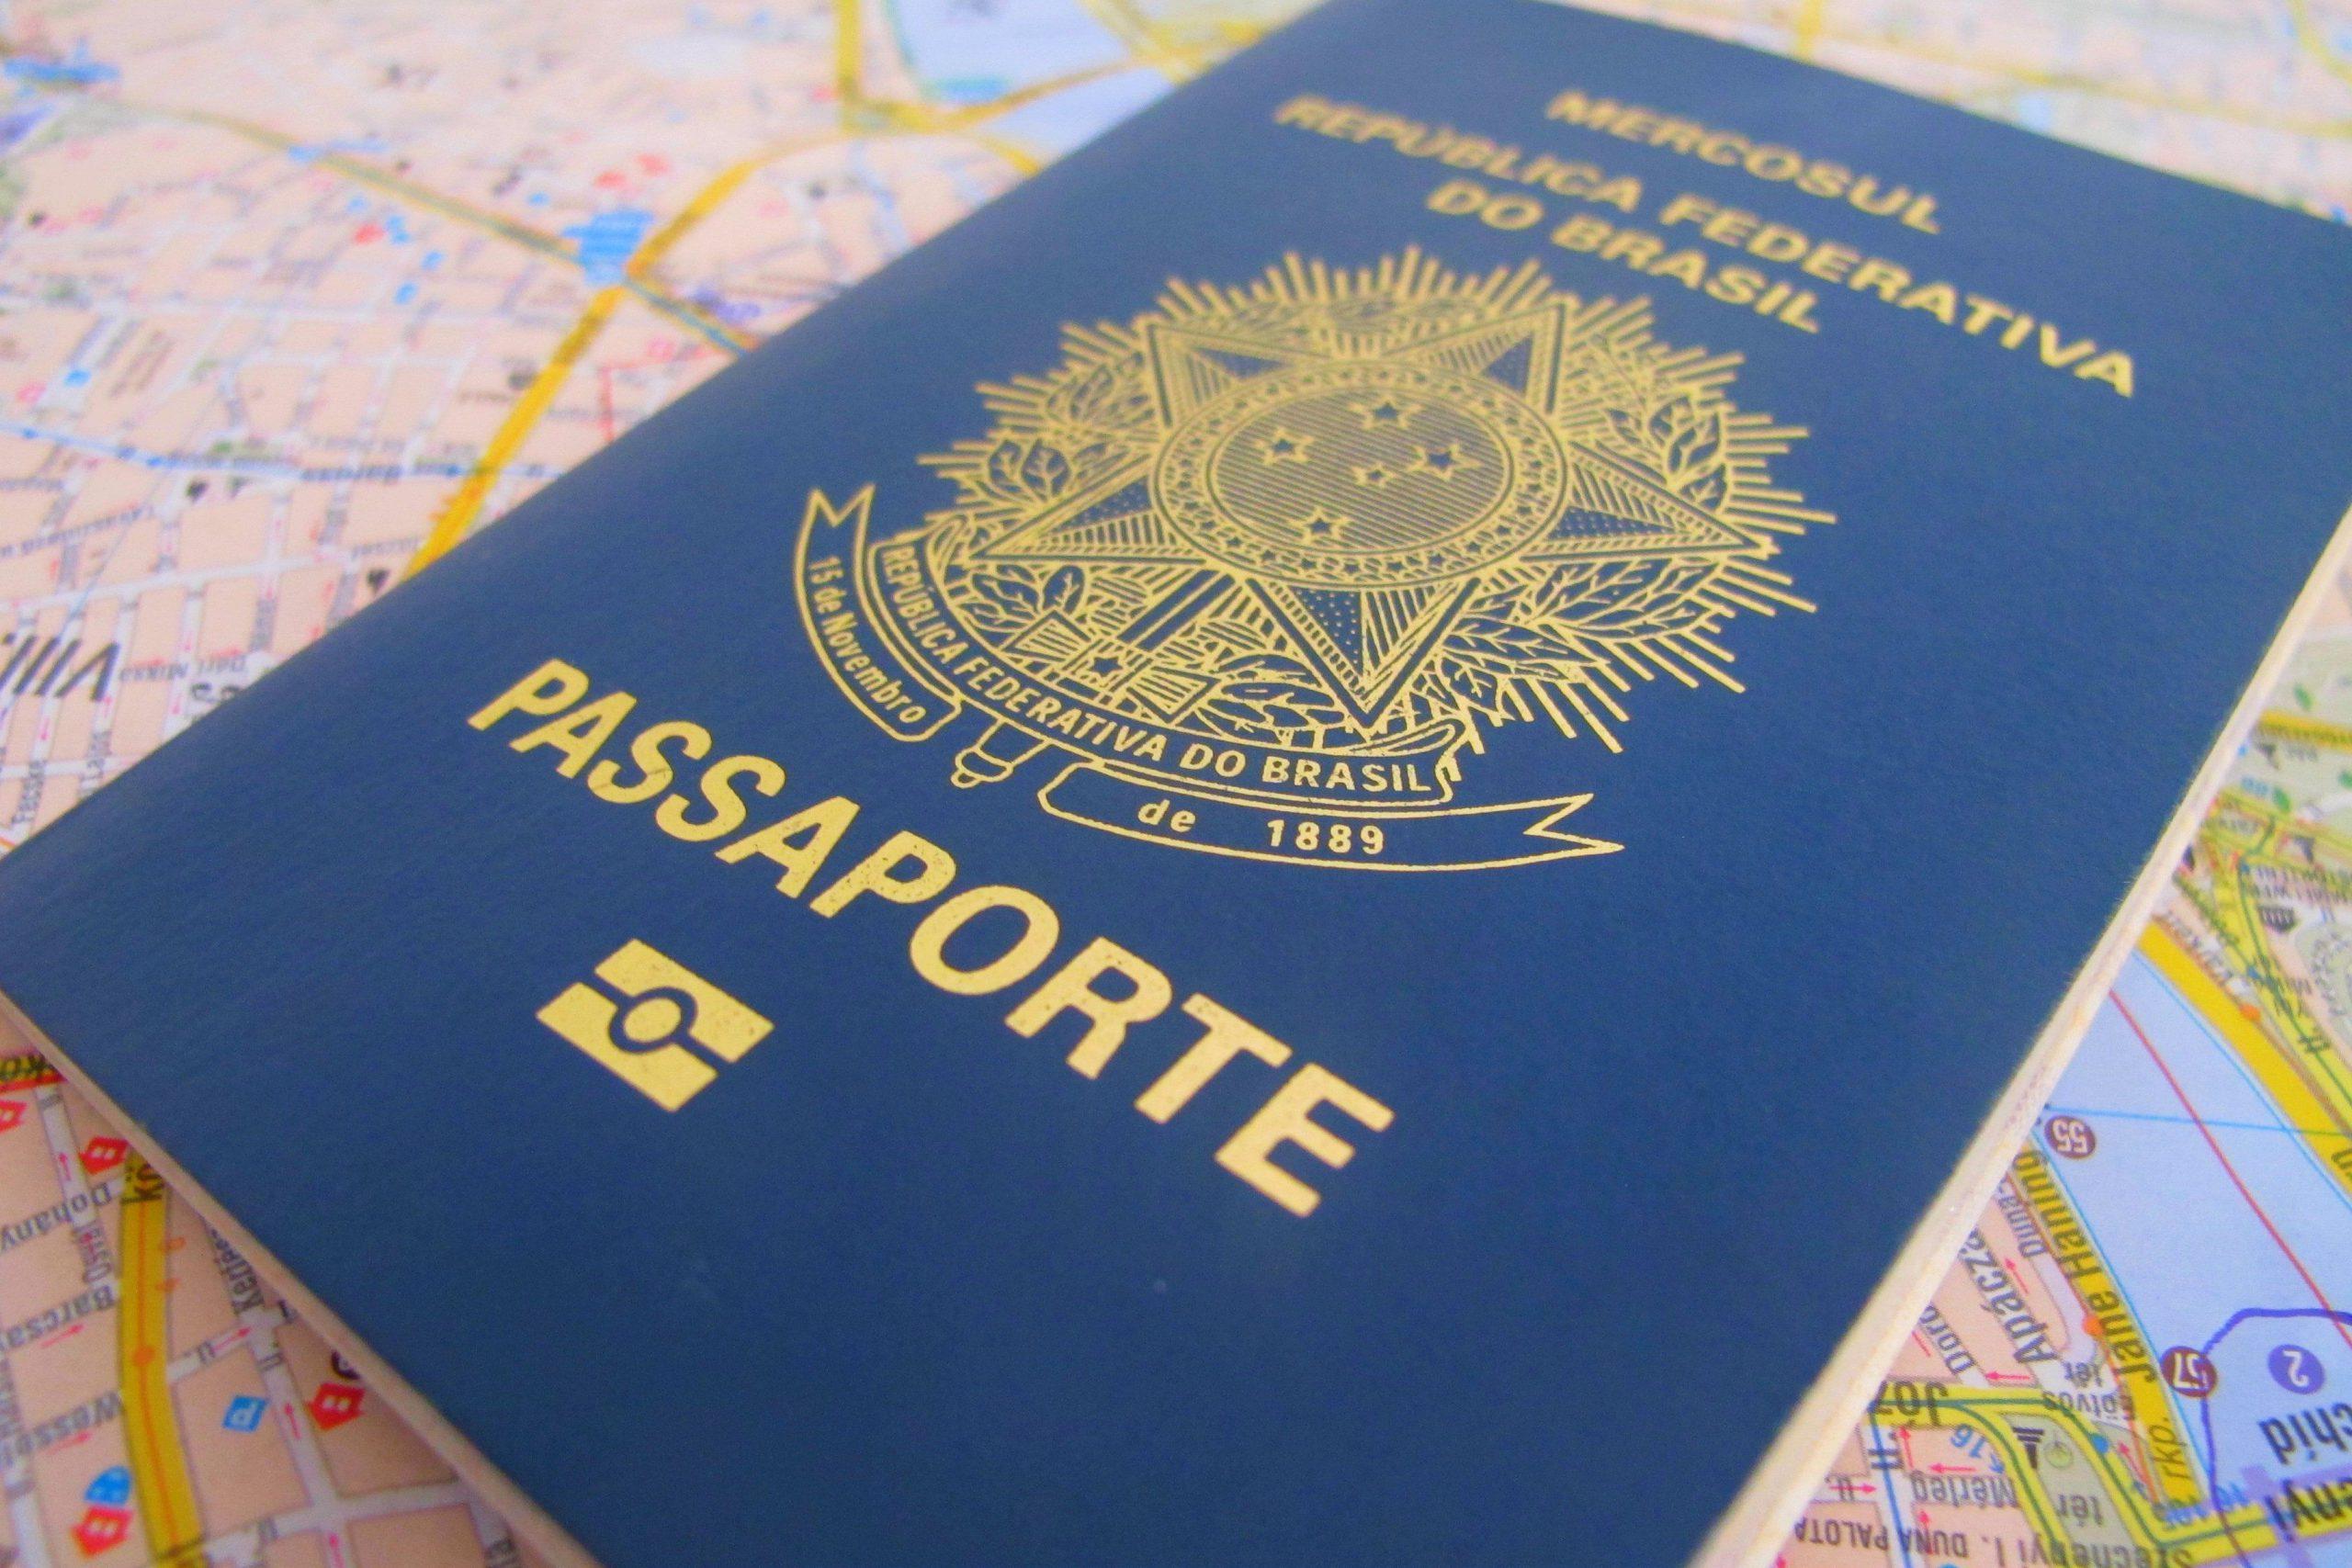 Entrega de passaportes atrasa por falta de material